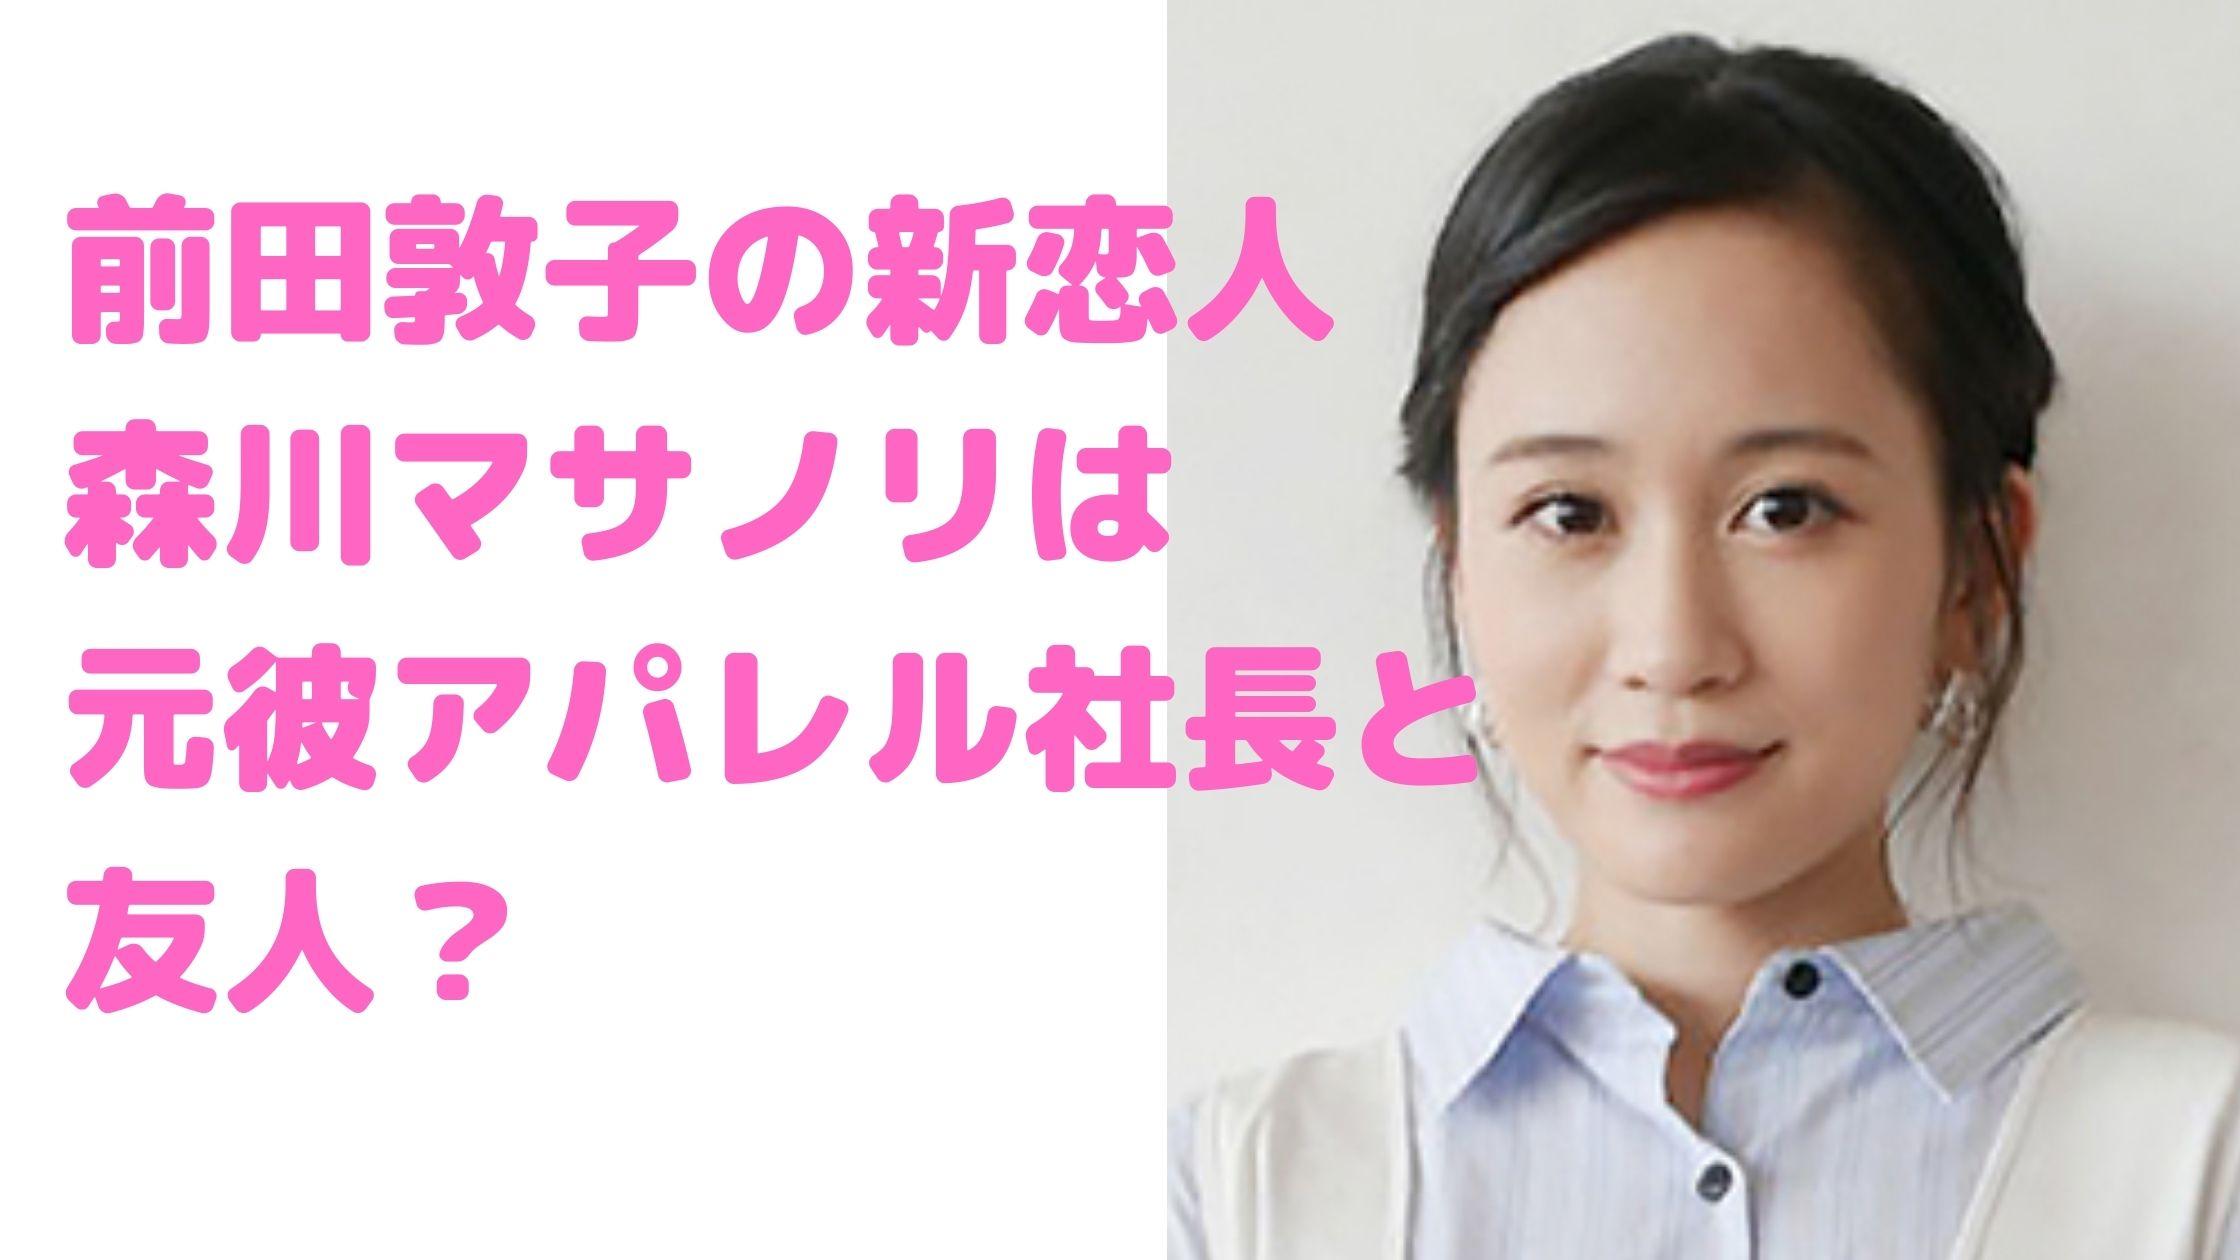 前田敦子 彼氏 森川正規 元彼 アパレル会社 戸村直広